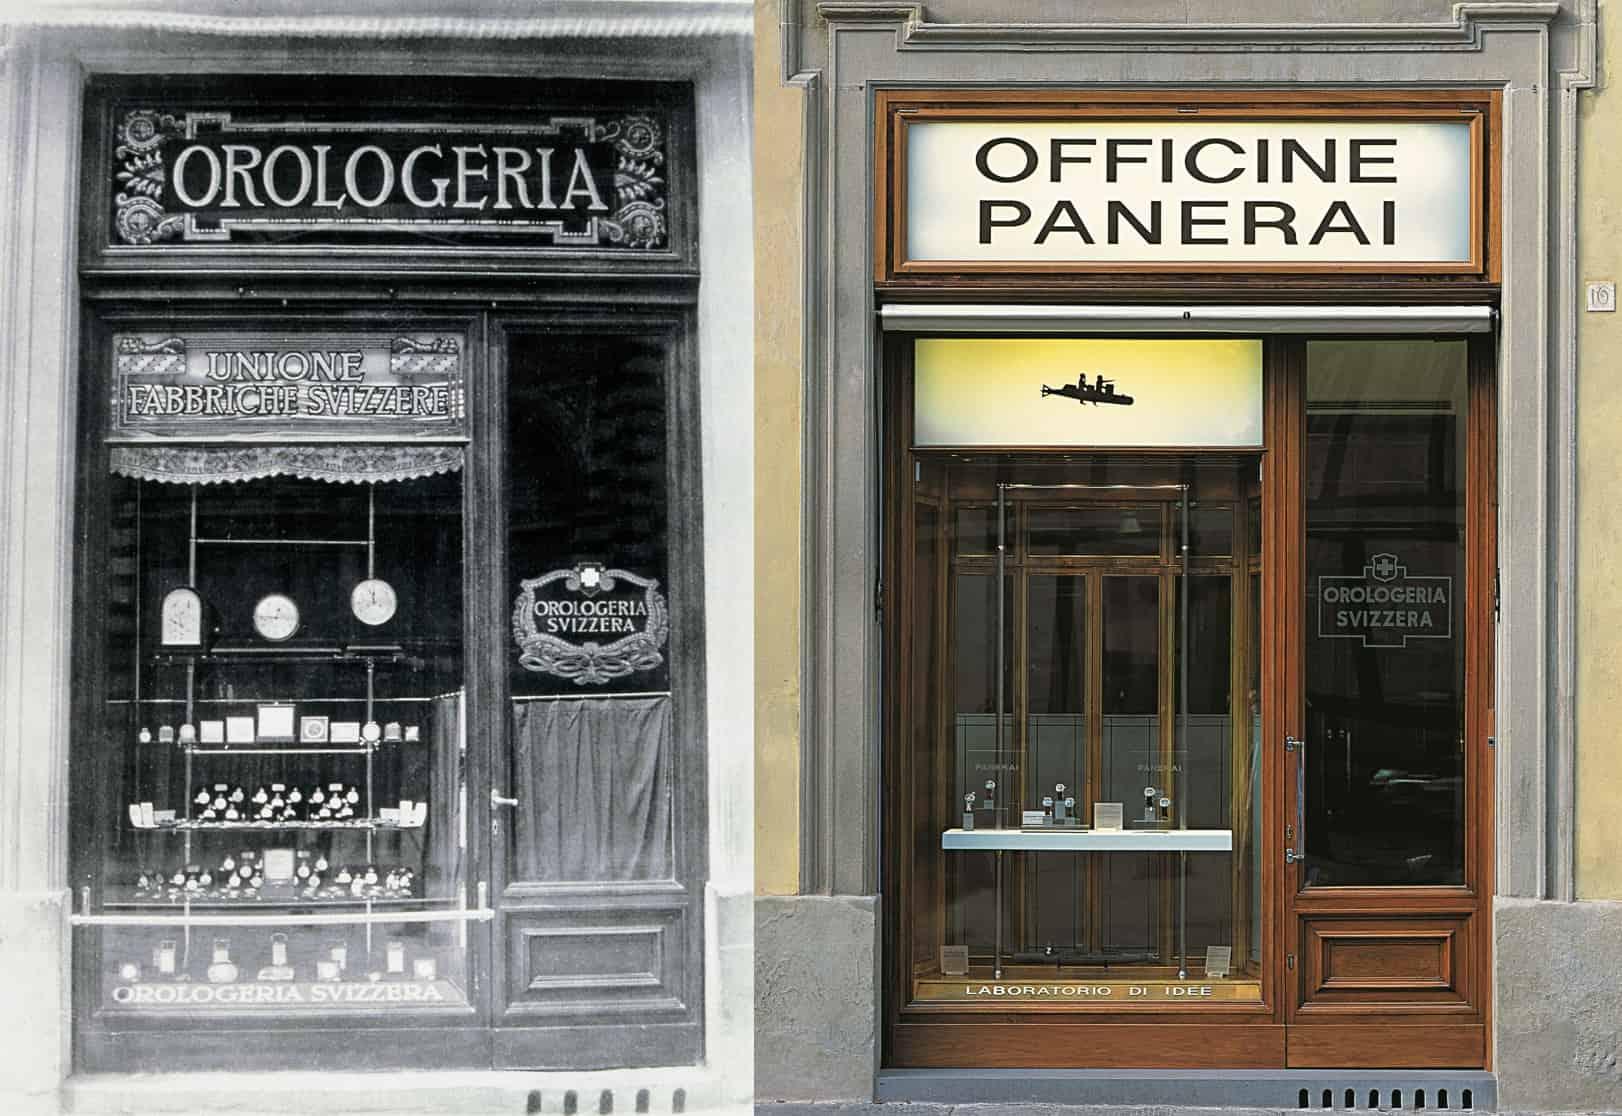 Panerai Orologeria Svizzera in Florenz einst und jetzt